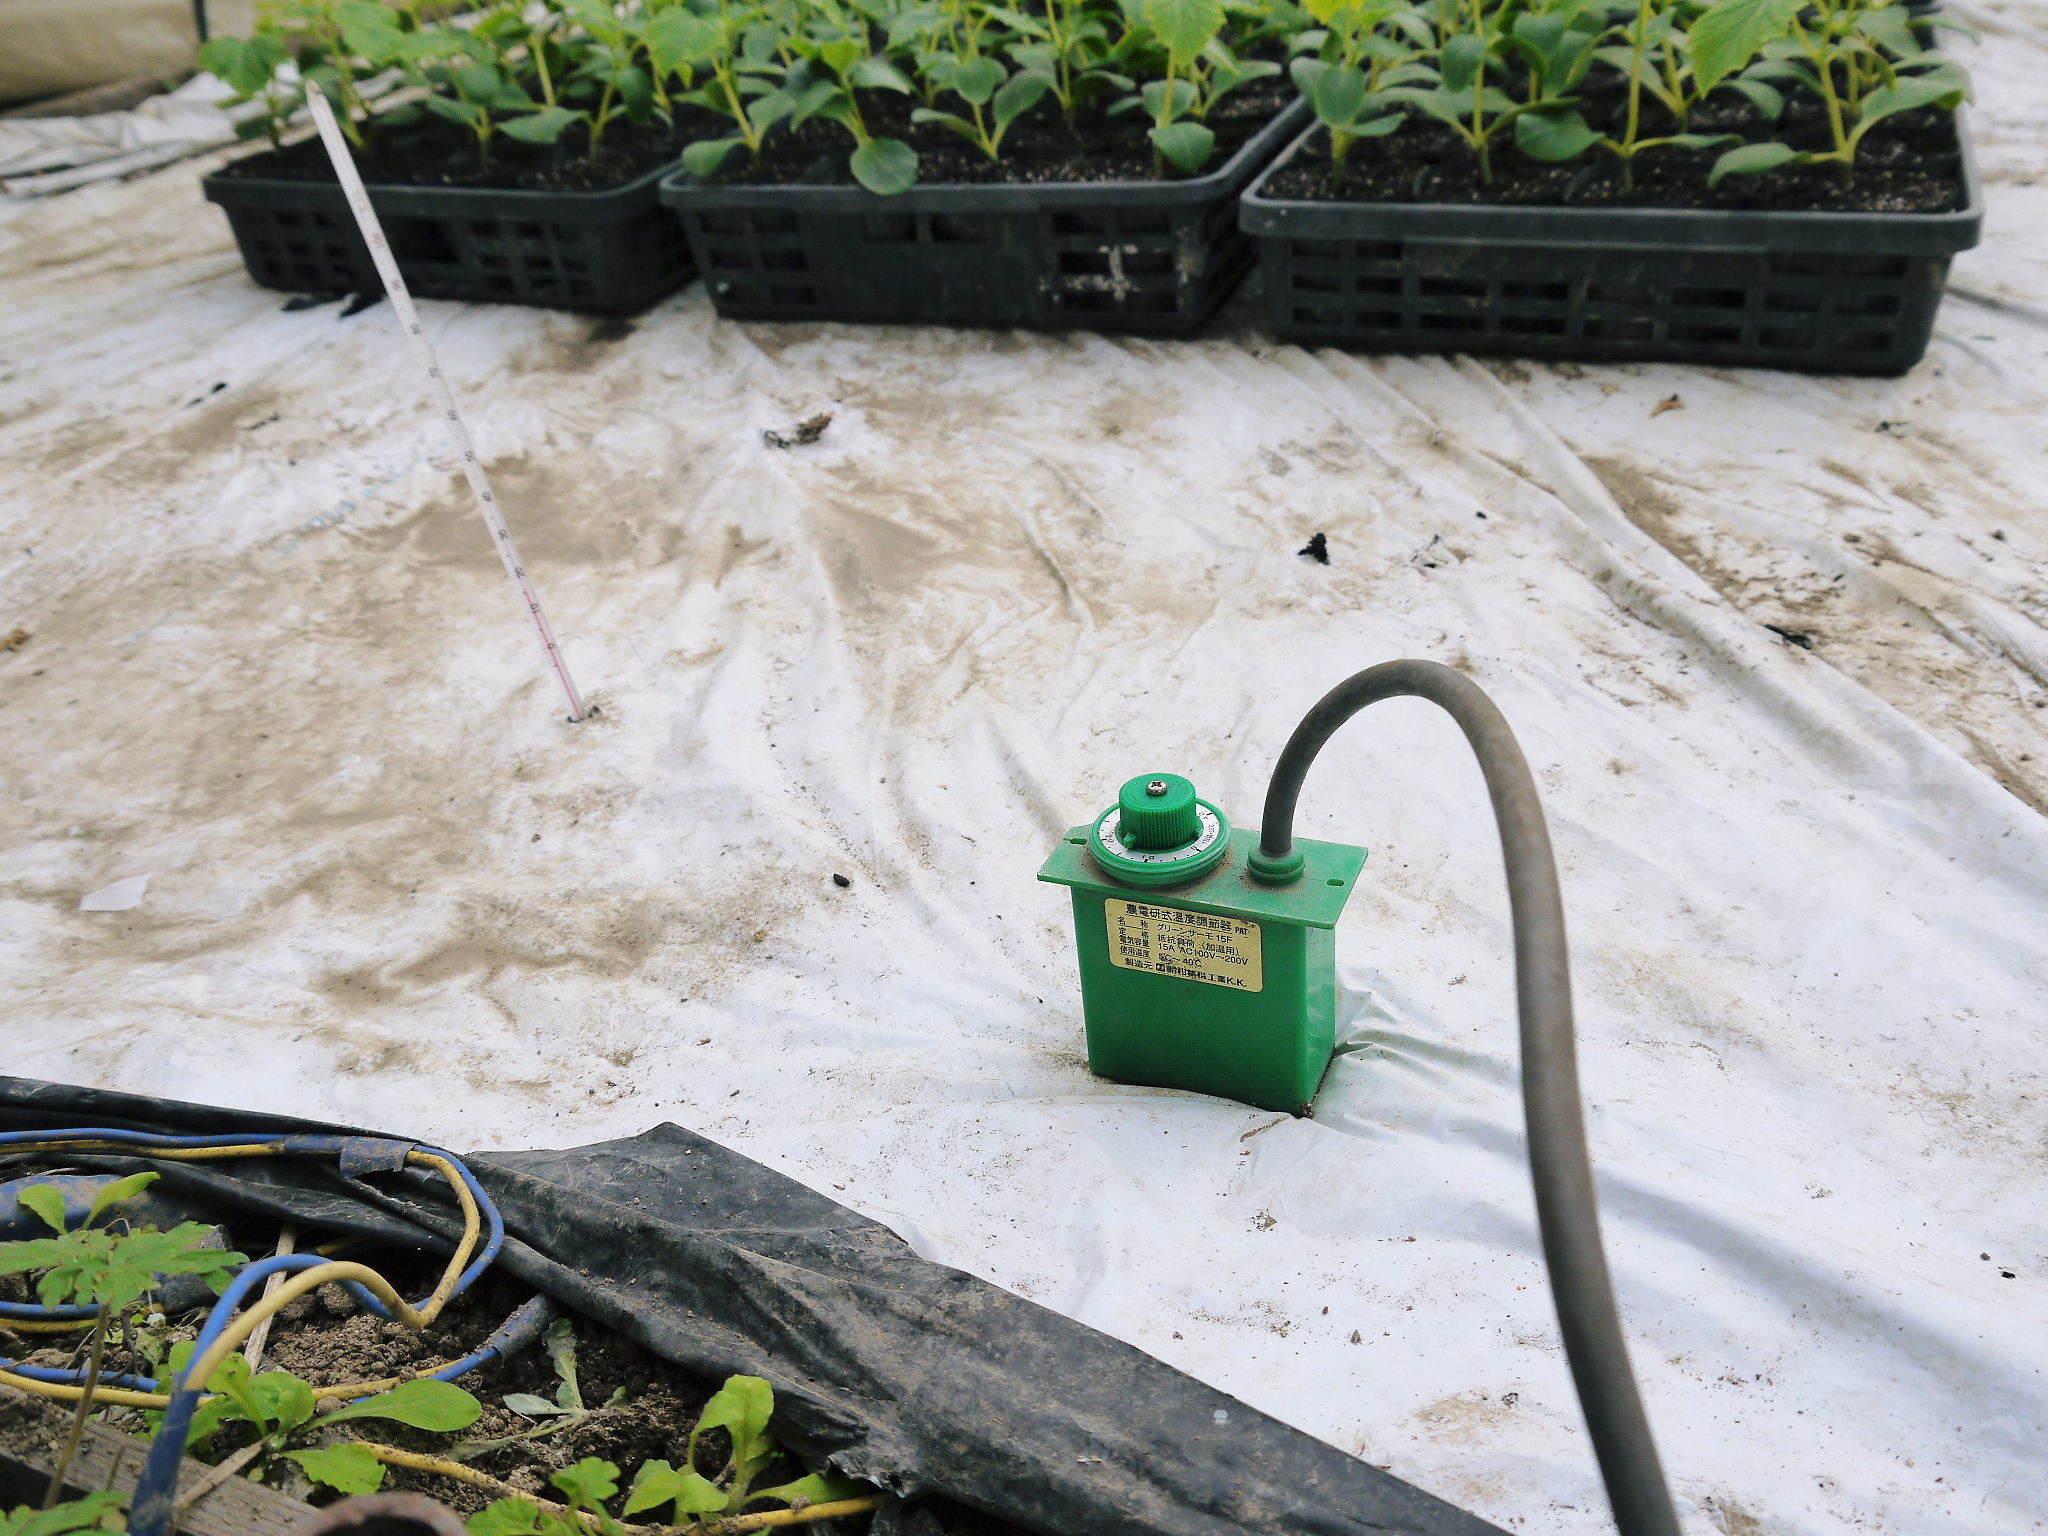 樹上完熟の朝採りトマト 令和2年度の栽培に向け土つくり始めました!今年はキュウリと2本立てです!!_a0254656_18081393.jpg